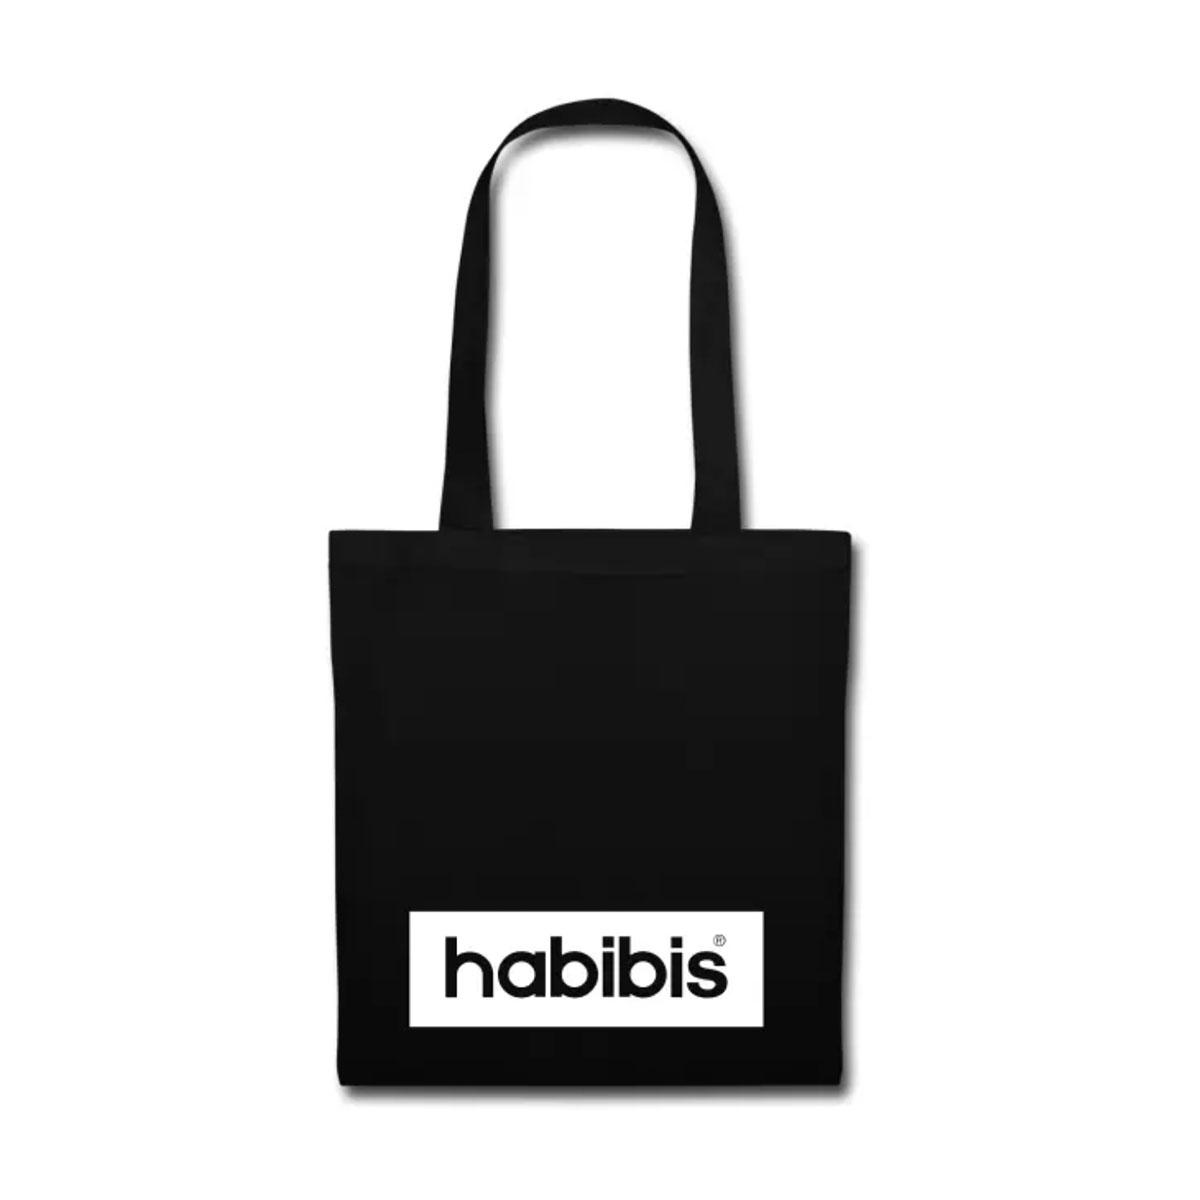 Habibis-Jutebeutel-vorne